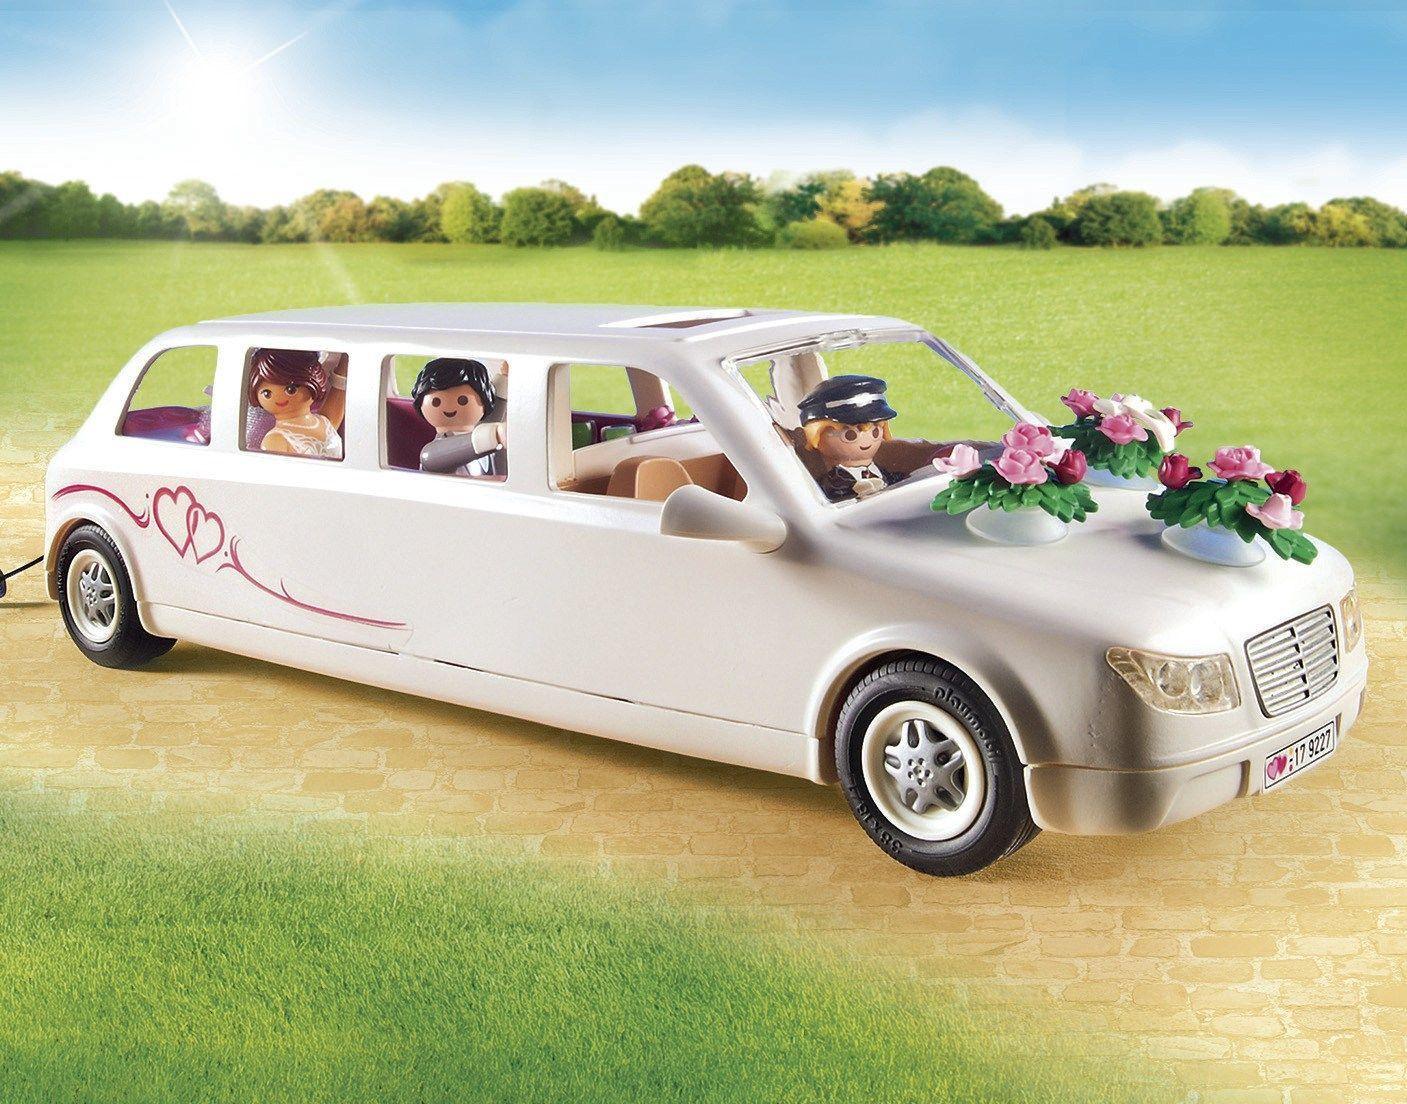 Et Mariés Achat Limousine 9227 Playmobil De City Life Couple j5R4ALq3